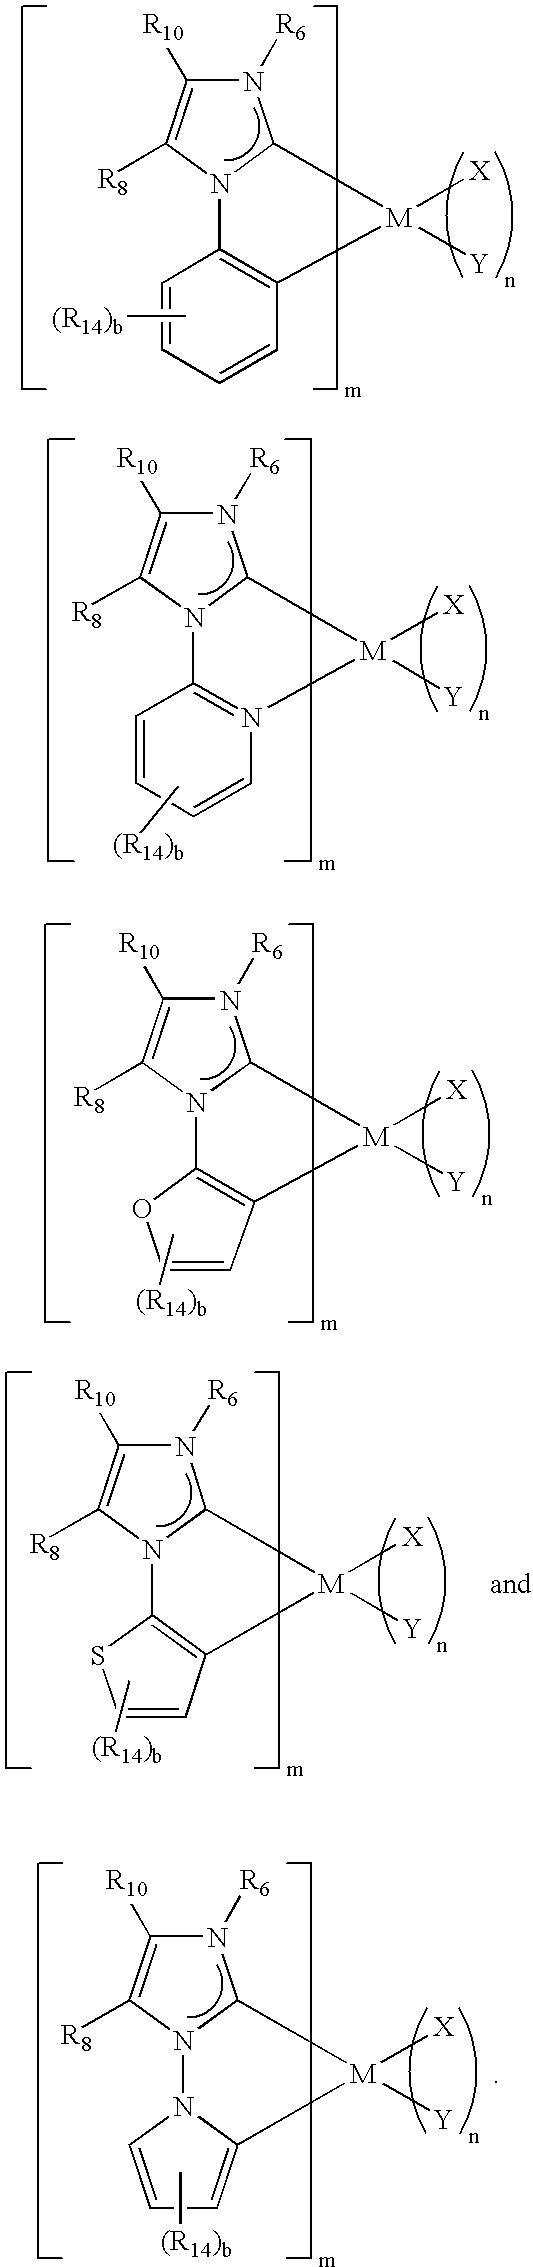 Figure US20050260441A1-20051124-C00090